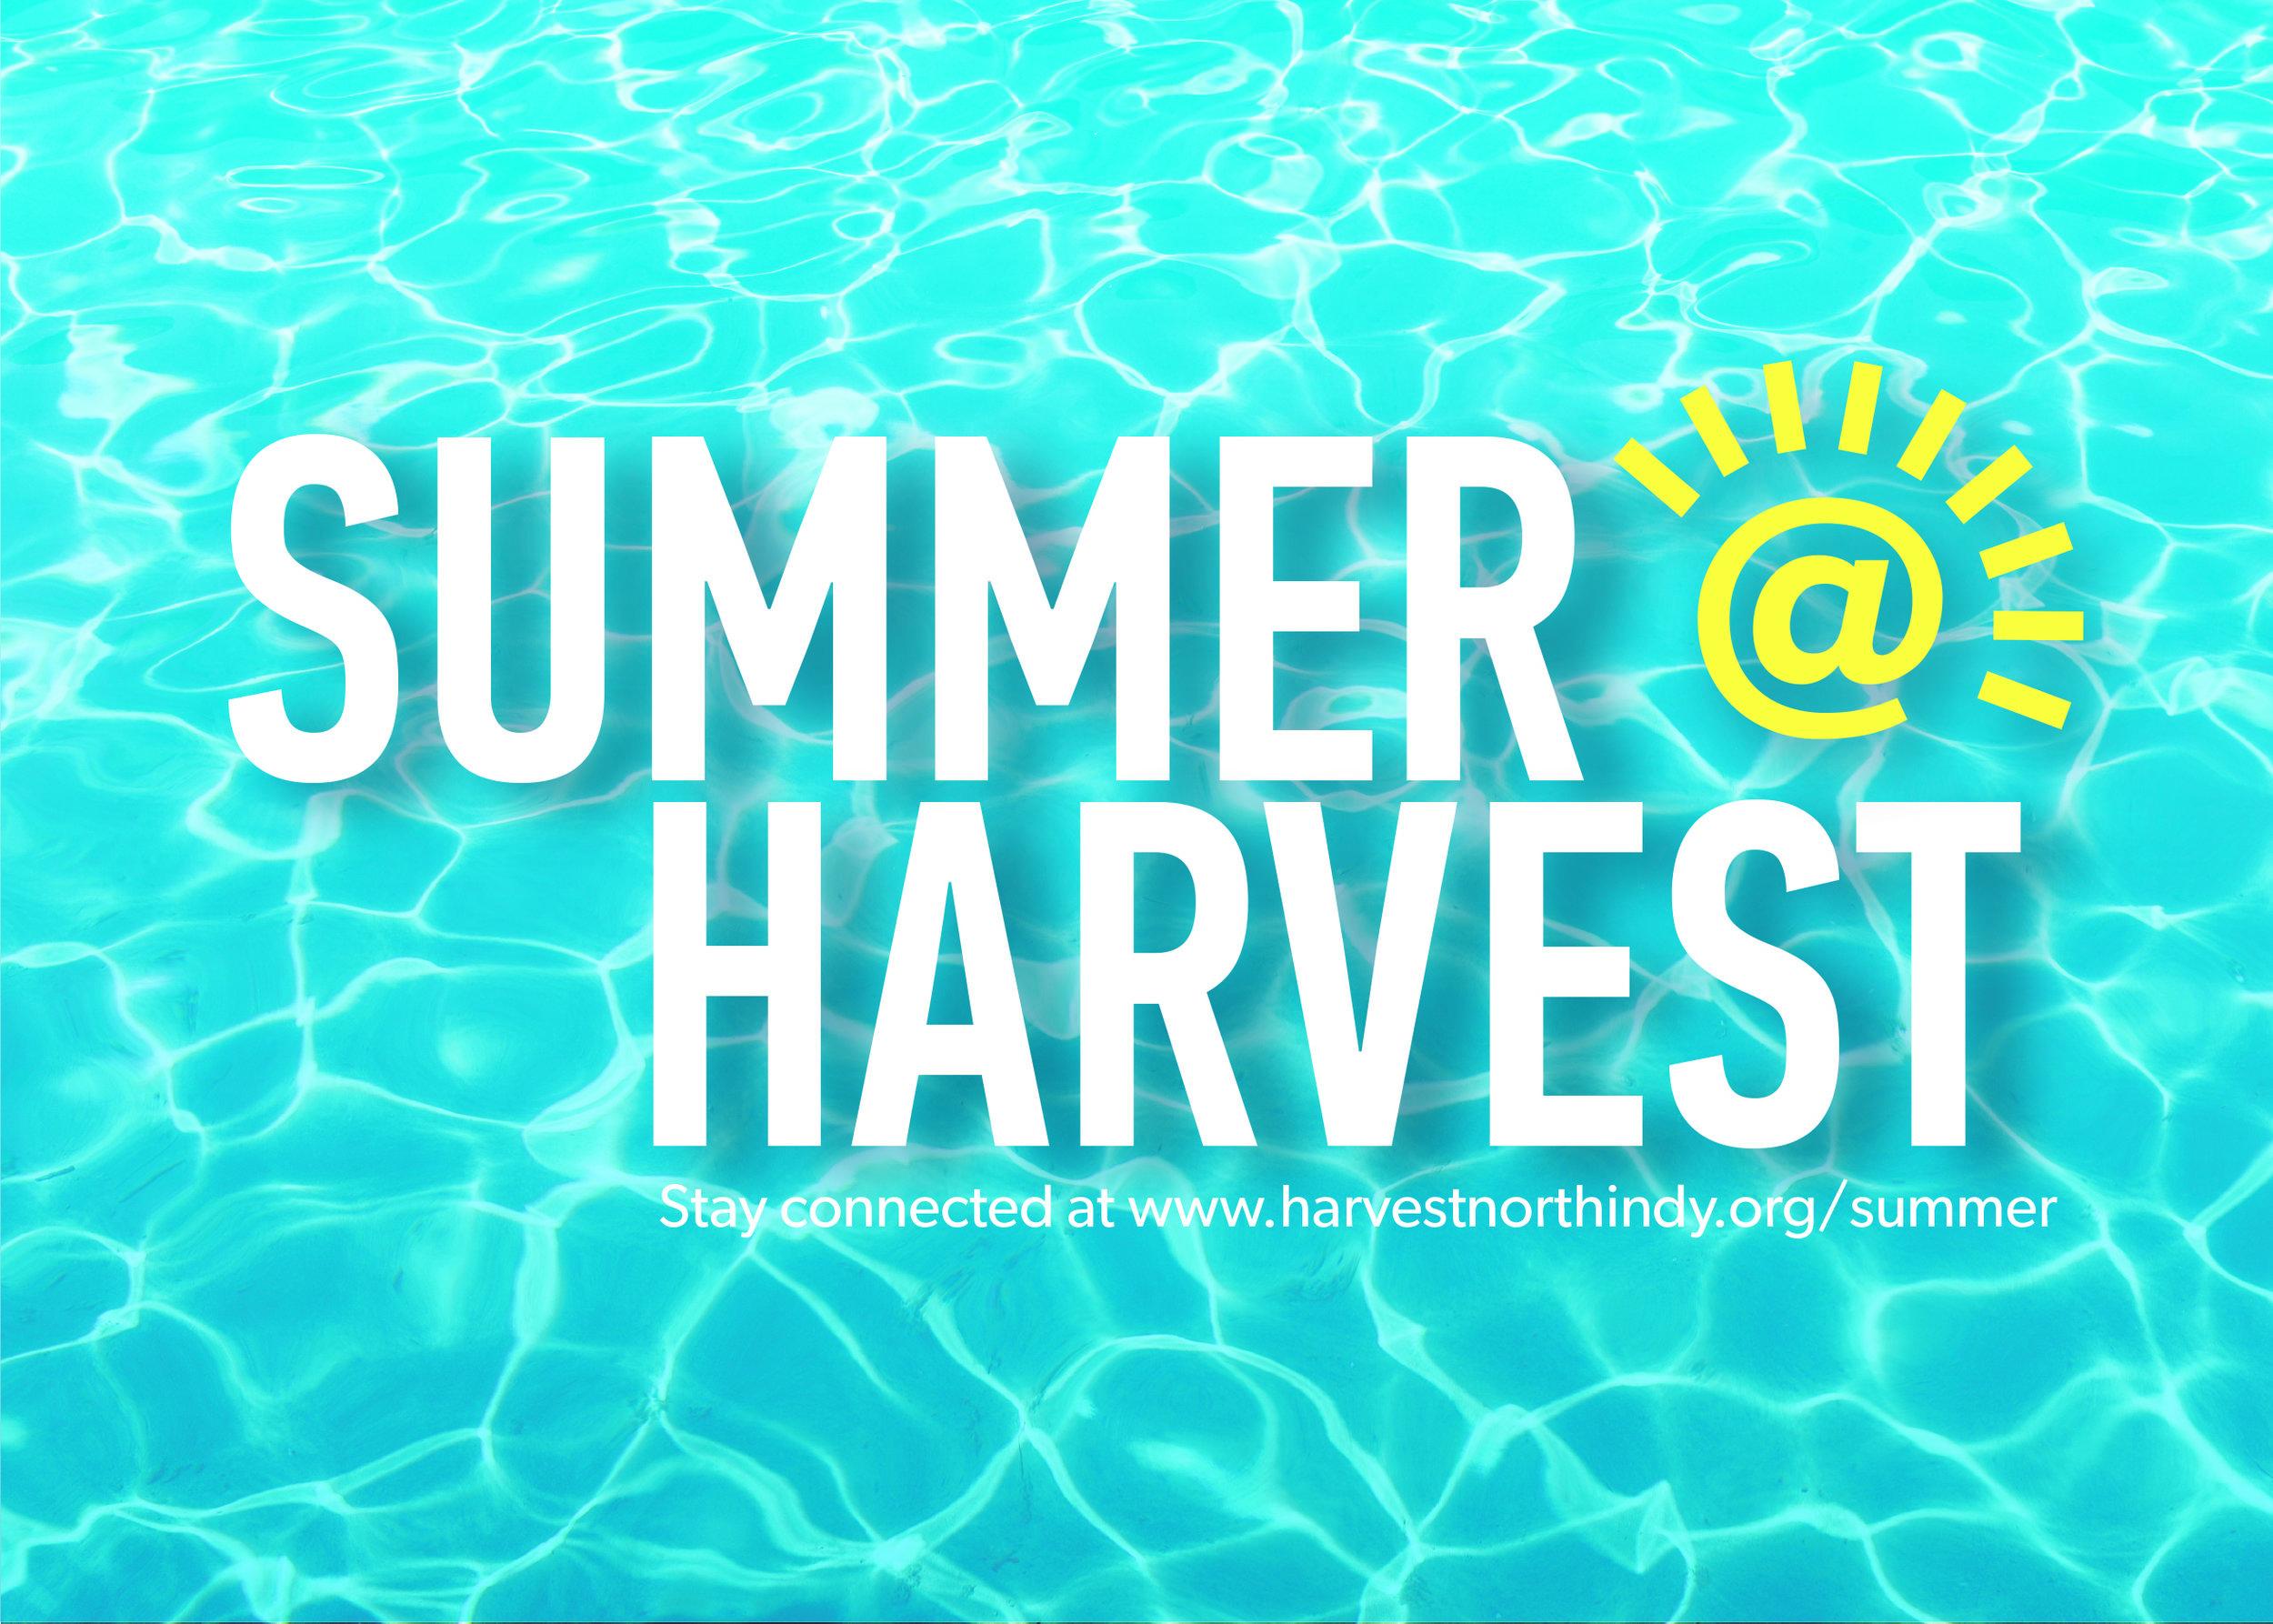 summer-at-harvest_FINAL-1.jpg